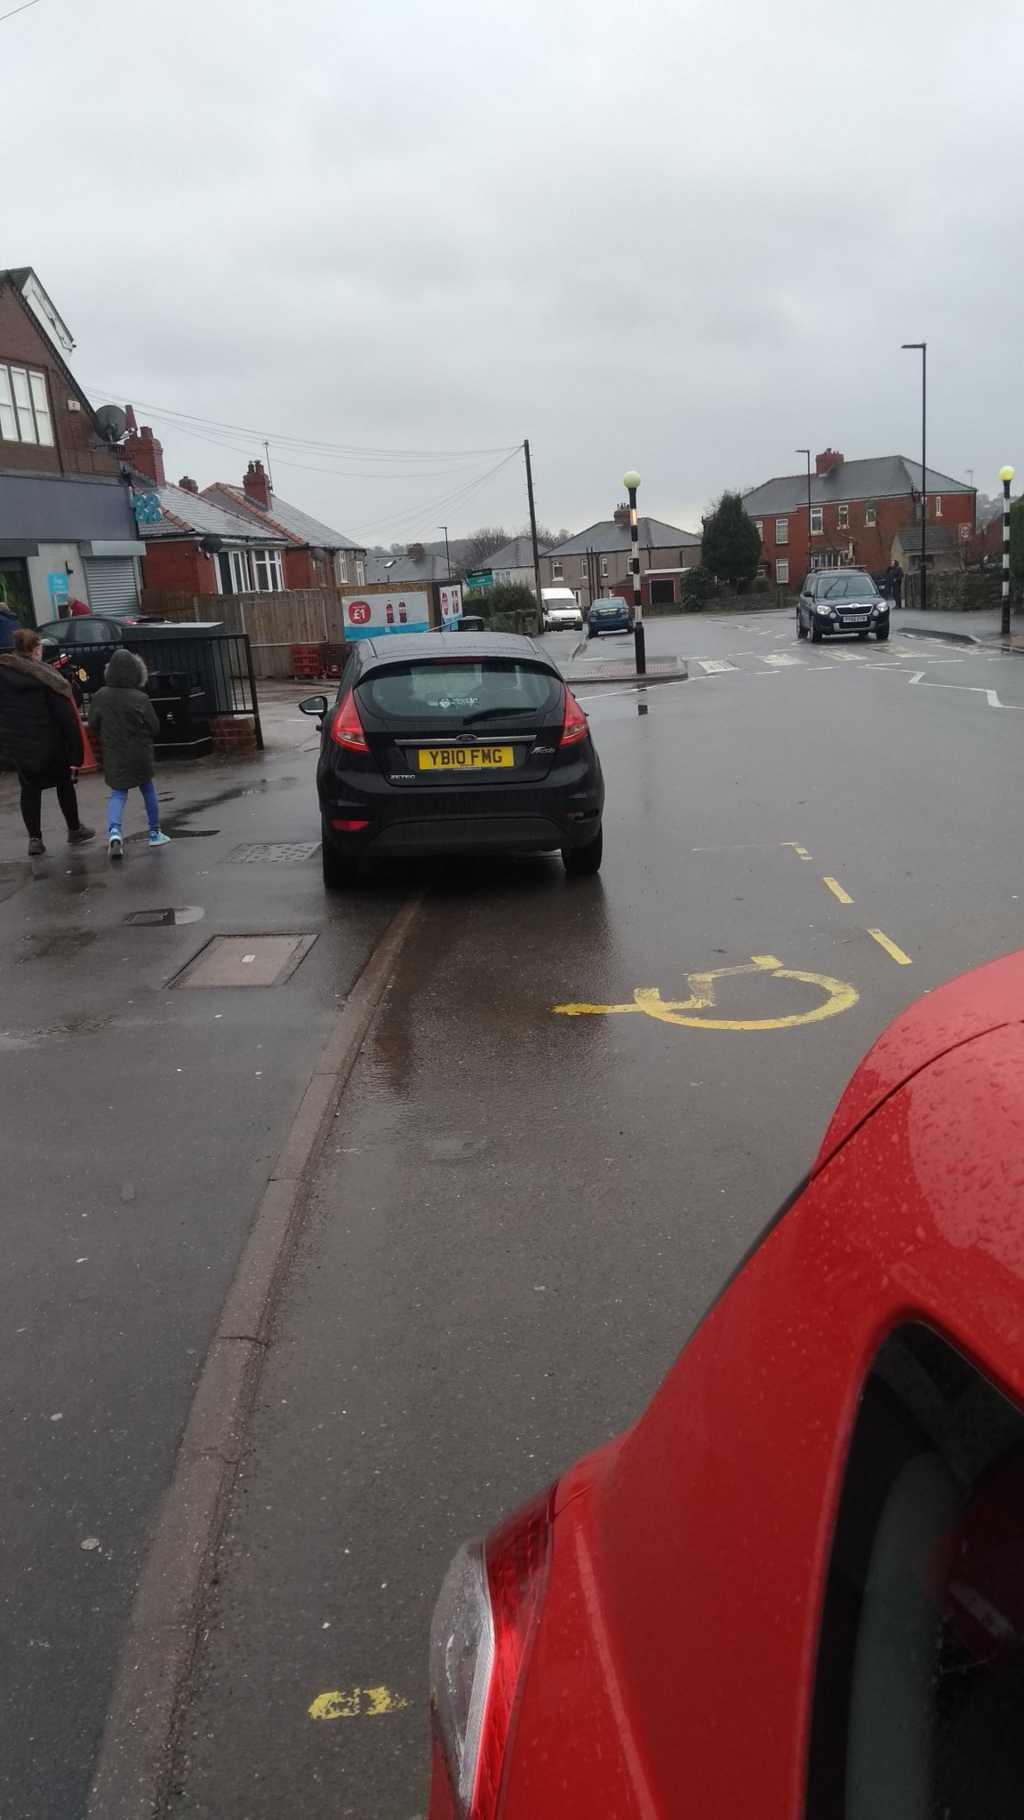 YB10 FMG displaying Inconsiderate Parking